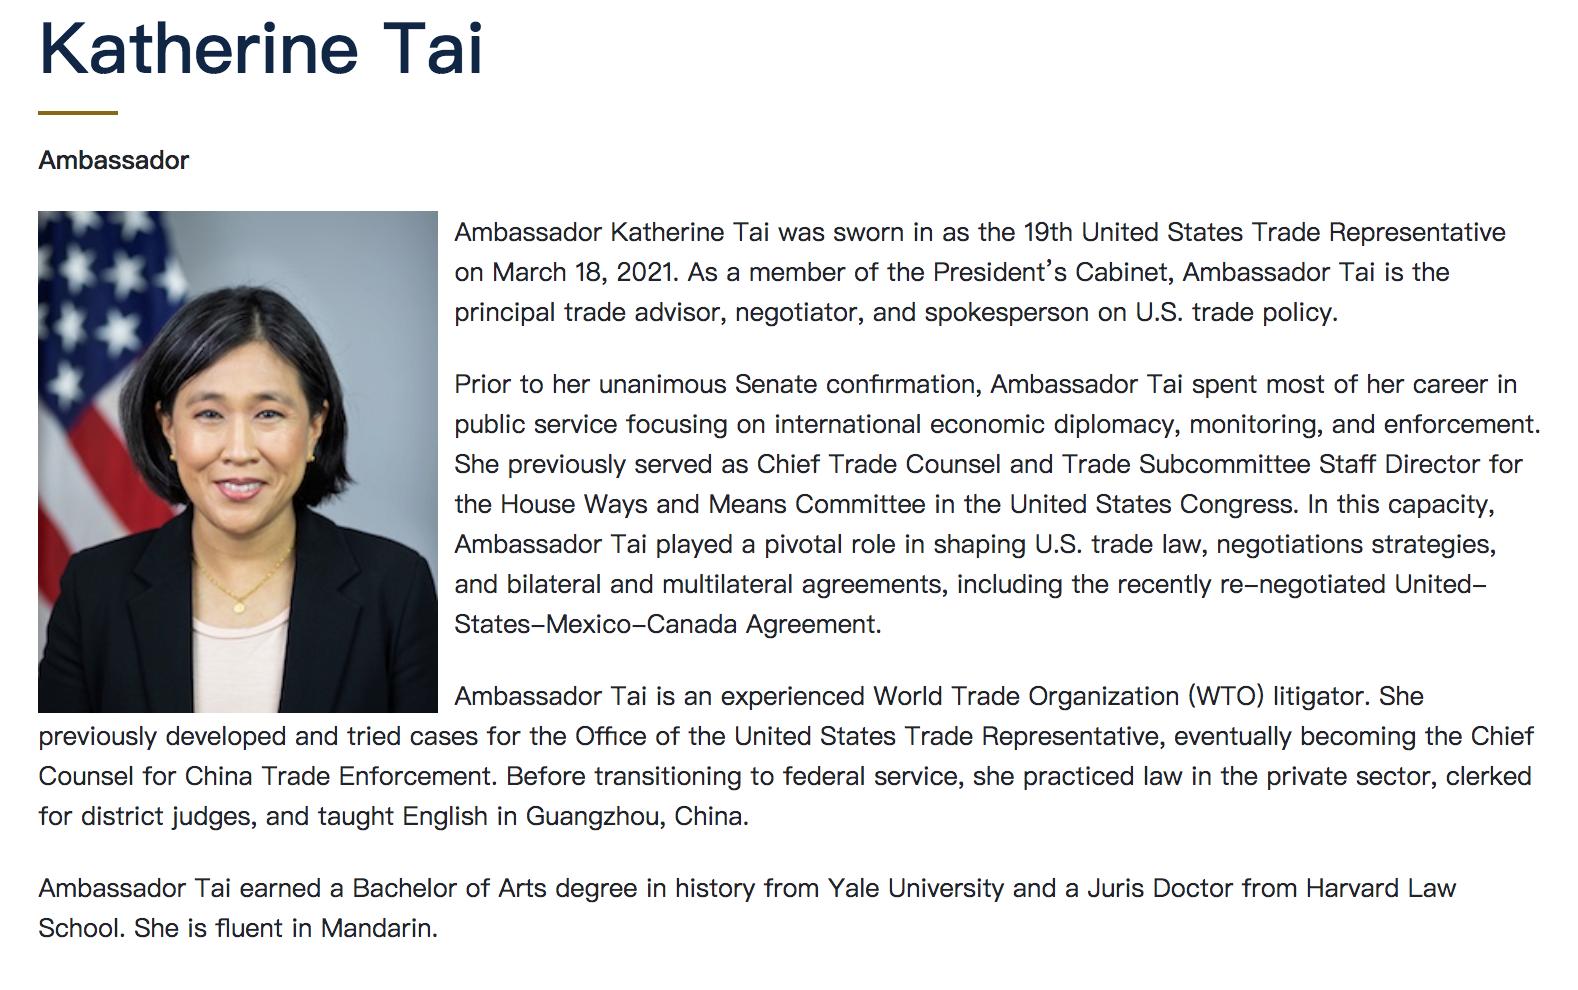 戴琪简介 来源:美国贸易代表办公室官方网站信息